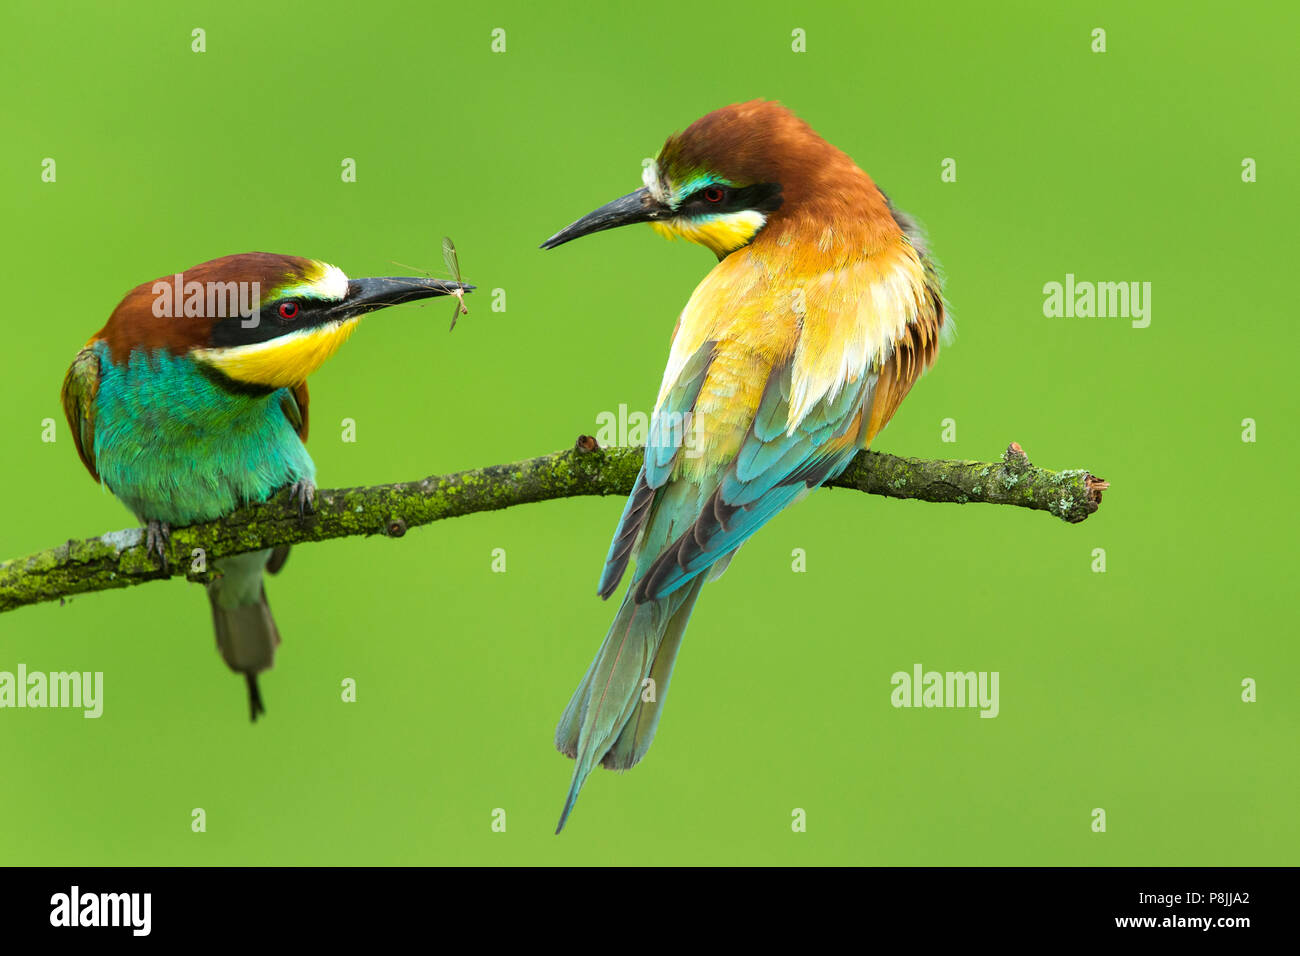 Pareja de abejarucos Europeos (Merops apiaster ) en la rama pasando un insecto Foto de stock